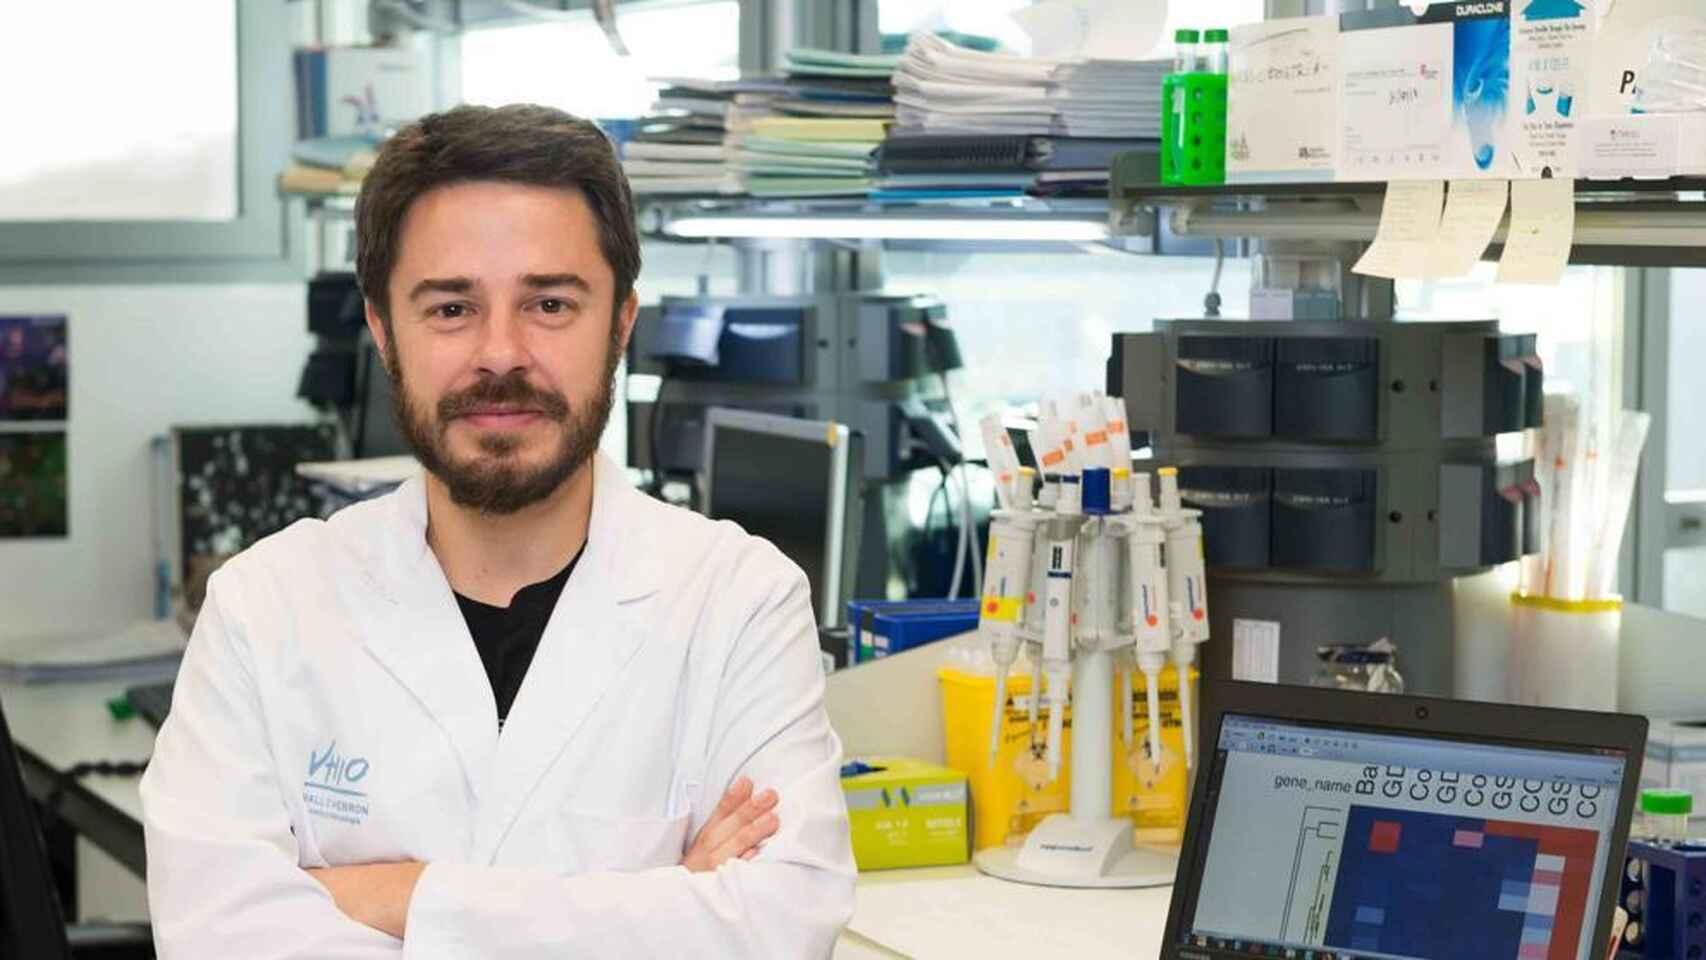 Golpe español al cancer: probado con exito un farmaco contra uno de los tumores mas letales